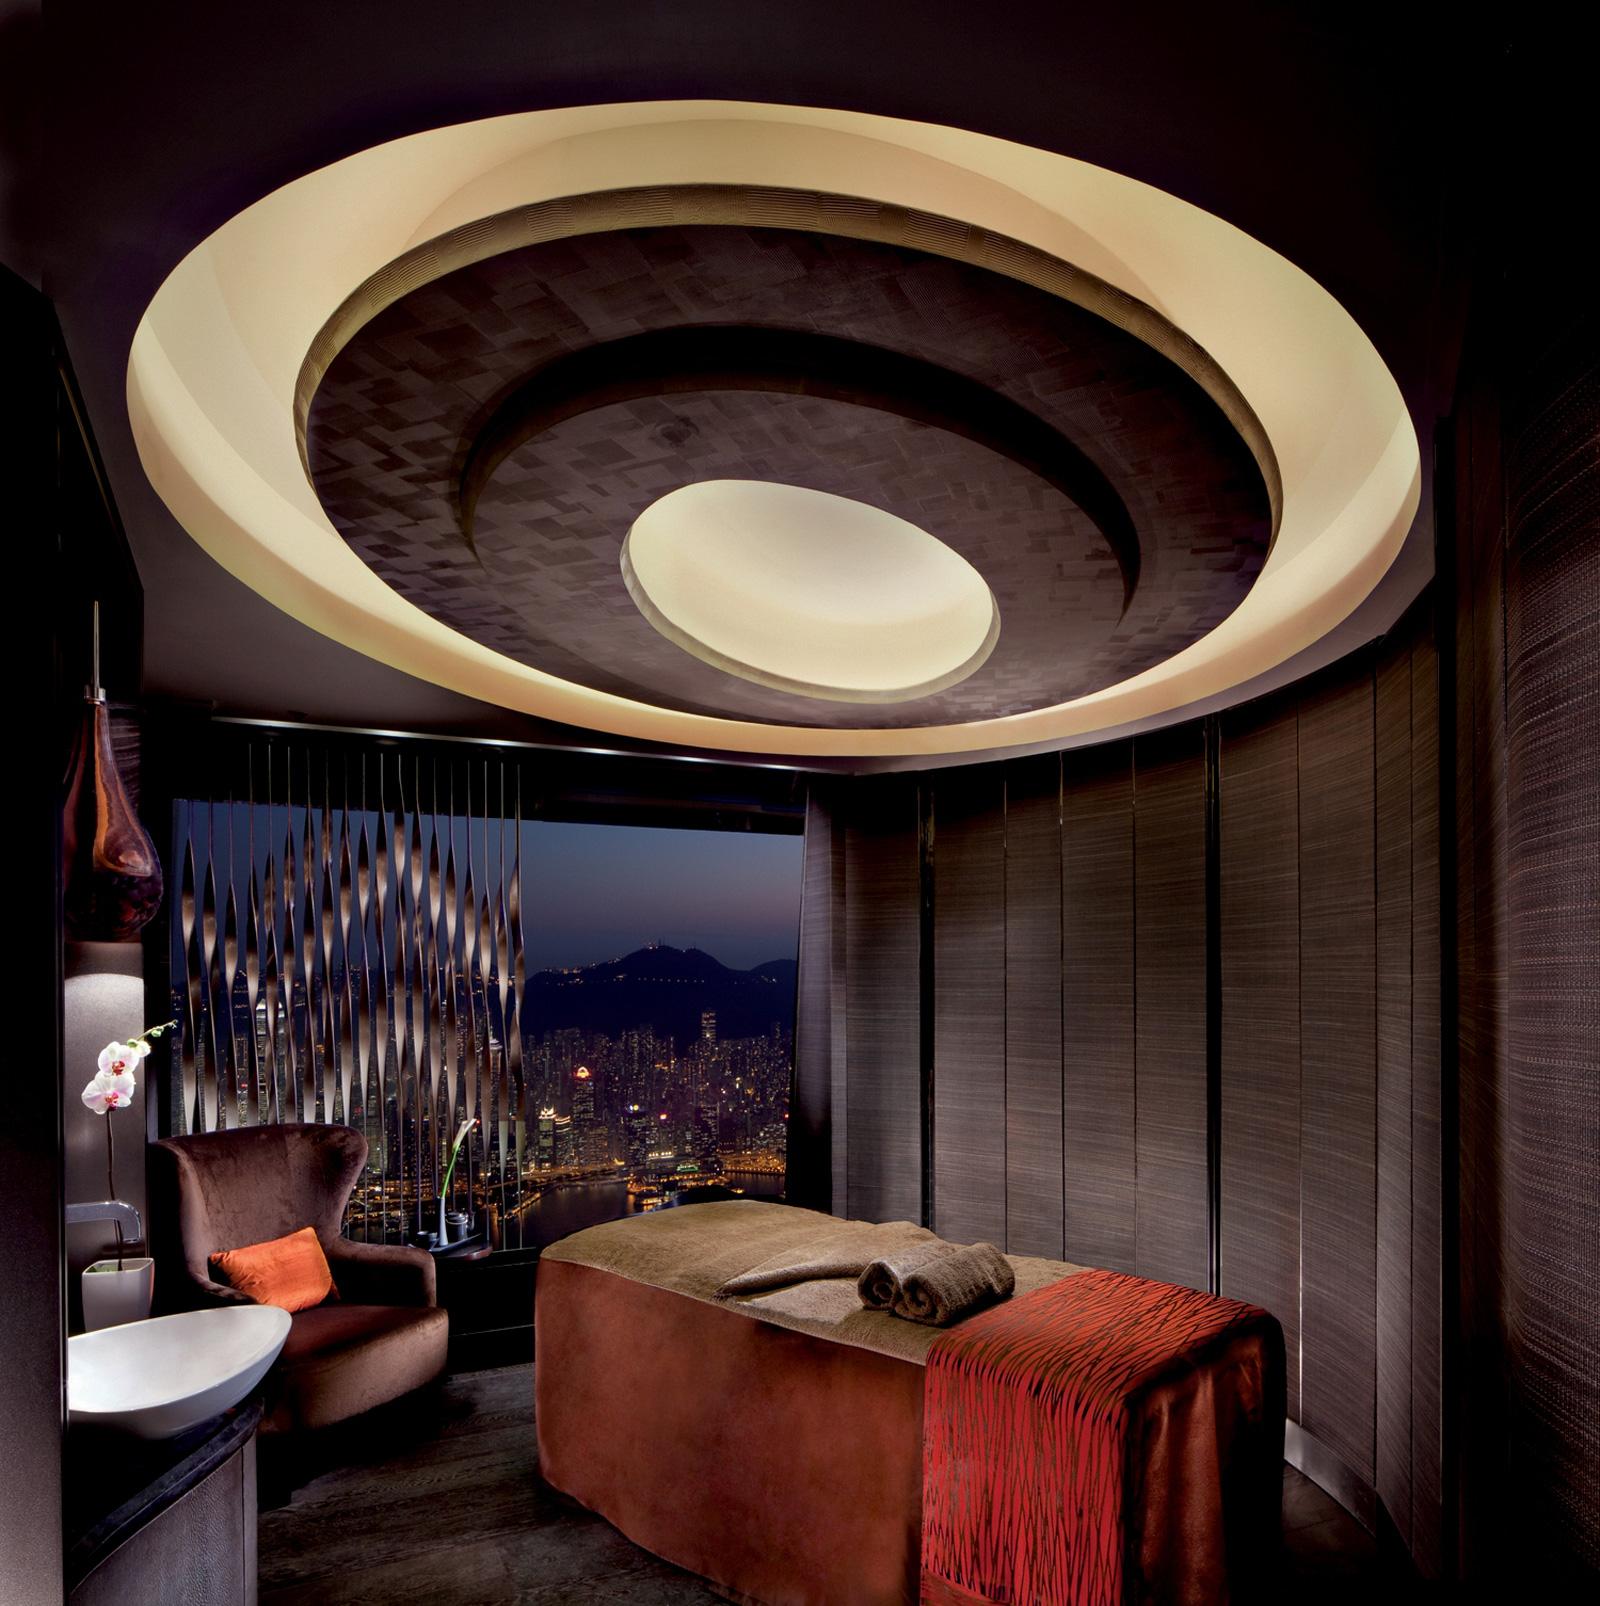 ESPA treatment room at The Ritz-Carlton, Hong Kong